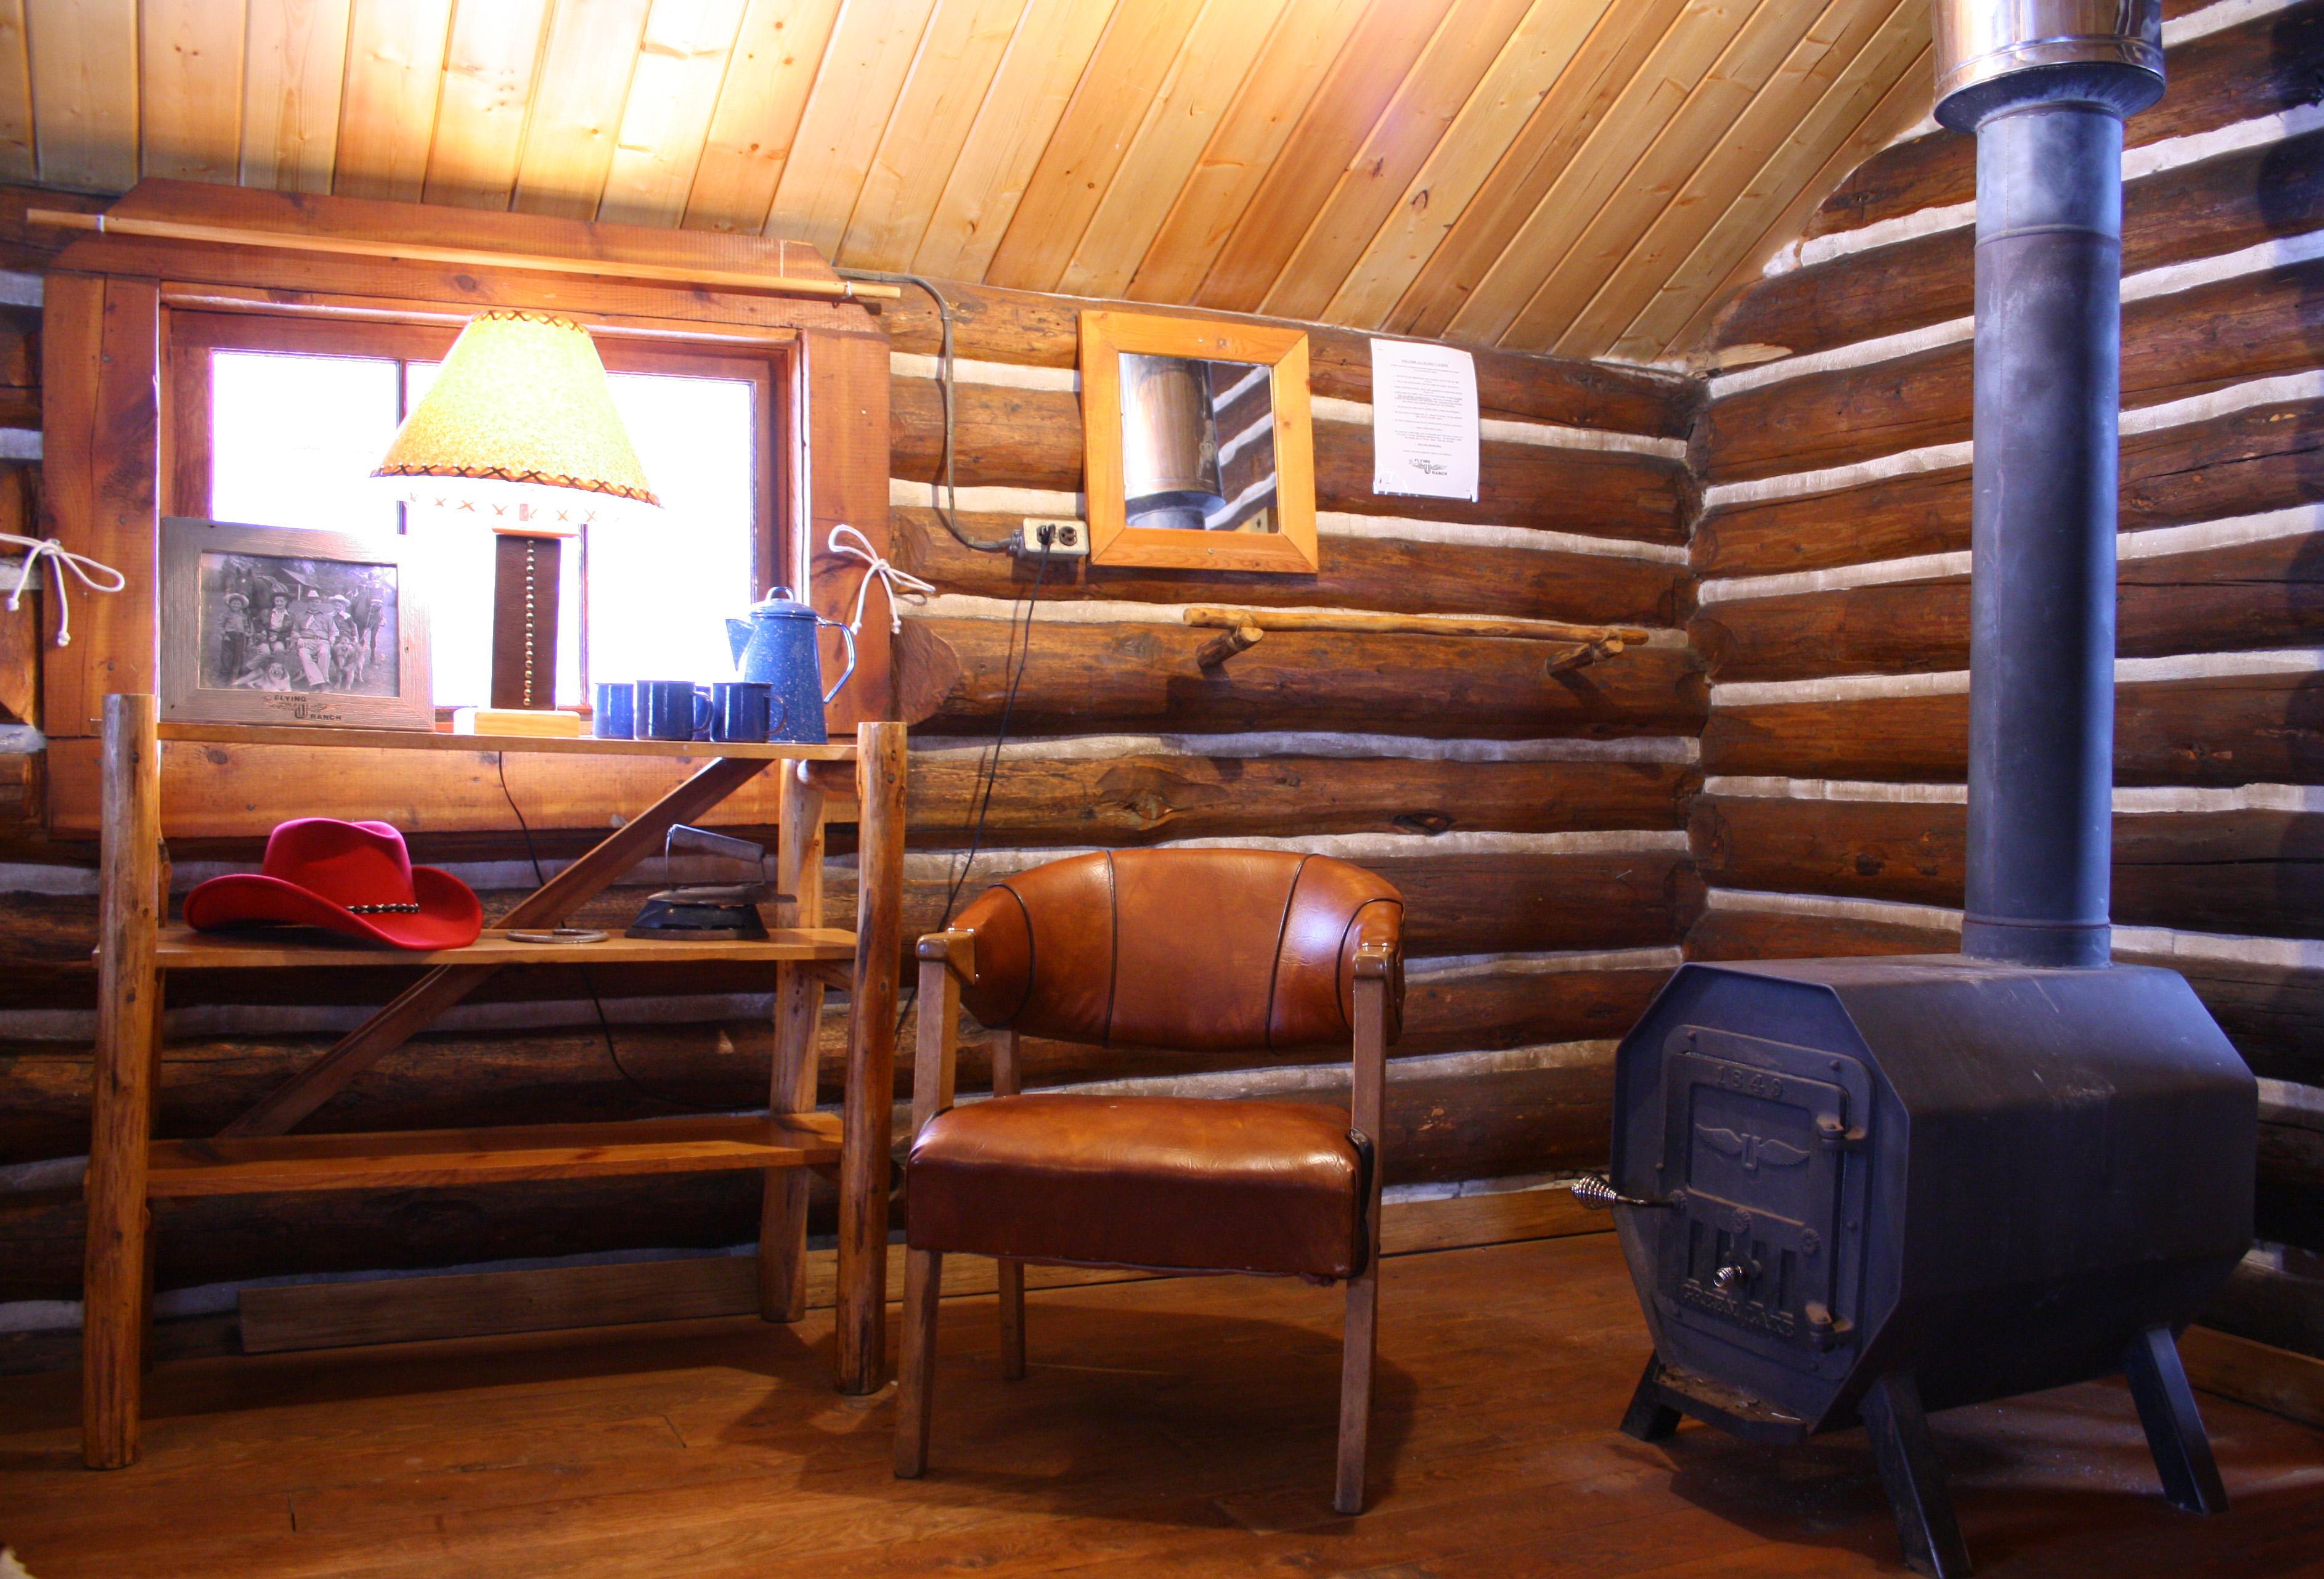 Cabin set up